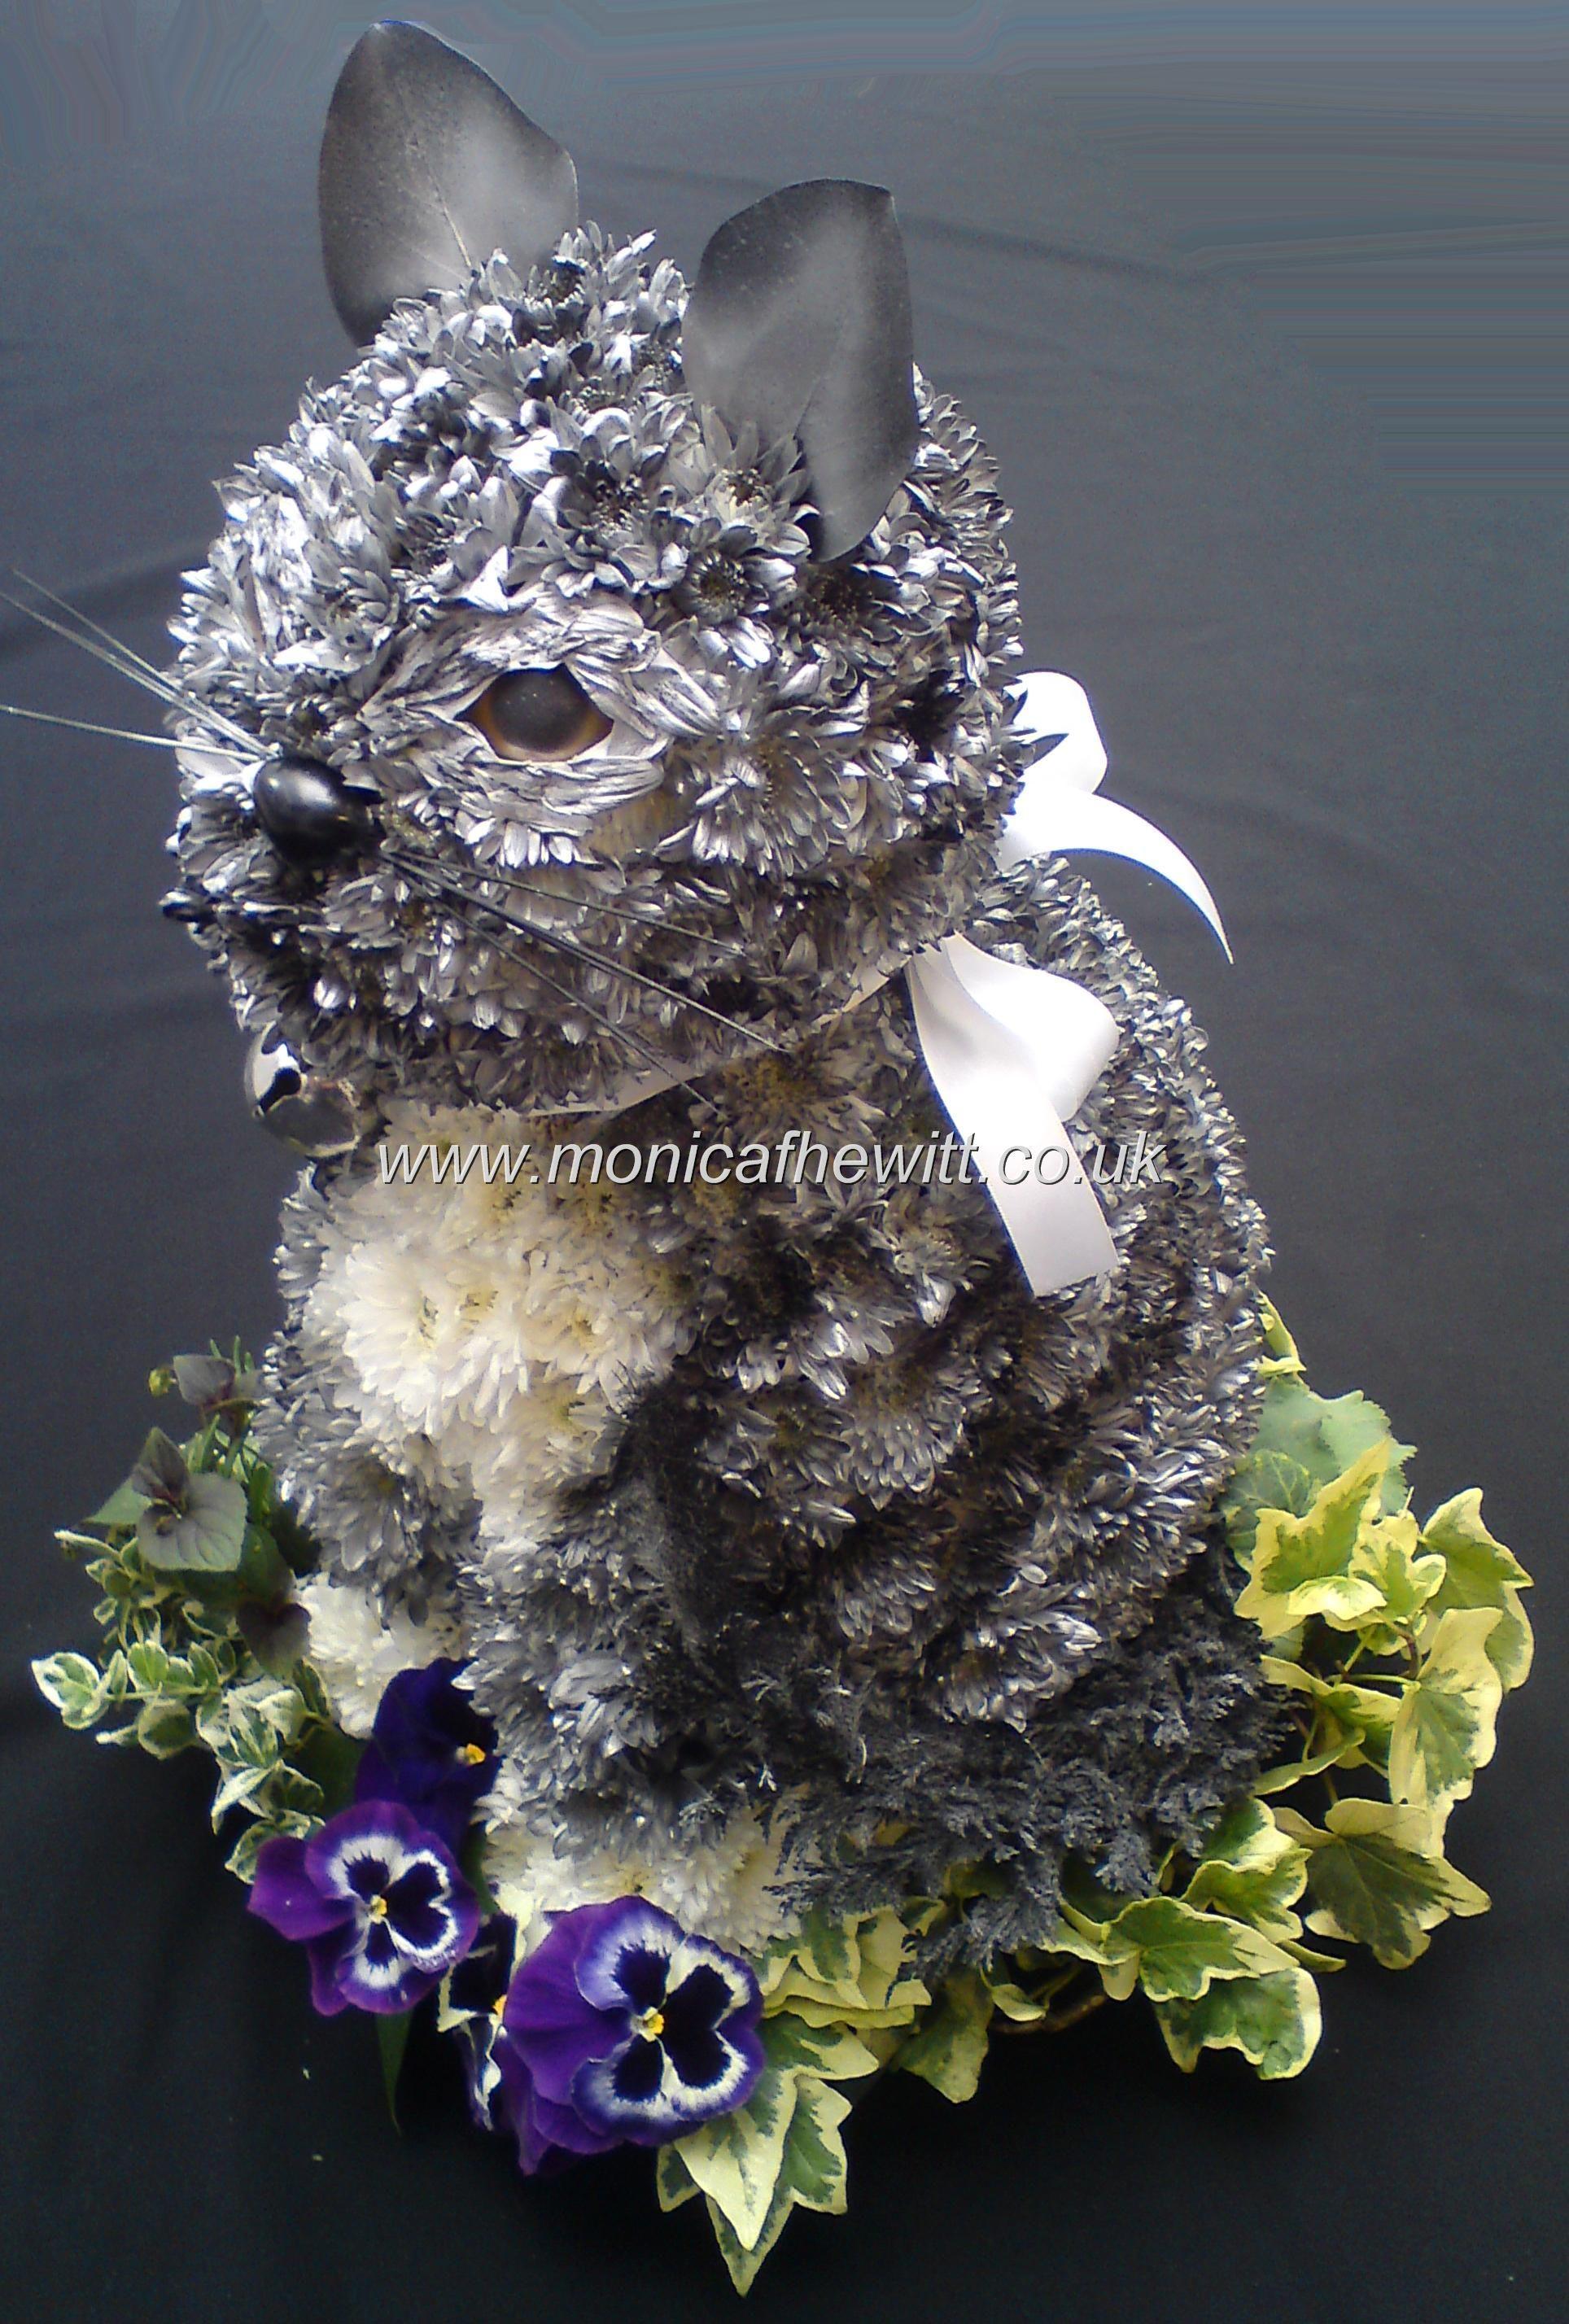 Cat funeral flowers monica f hewitt florist sheffield make it an cat funeral flowers monica f hewitt florist sheffield make it an orange cat izmirmasajfo